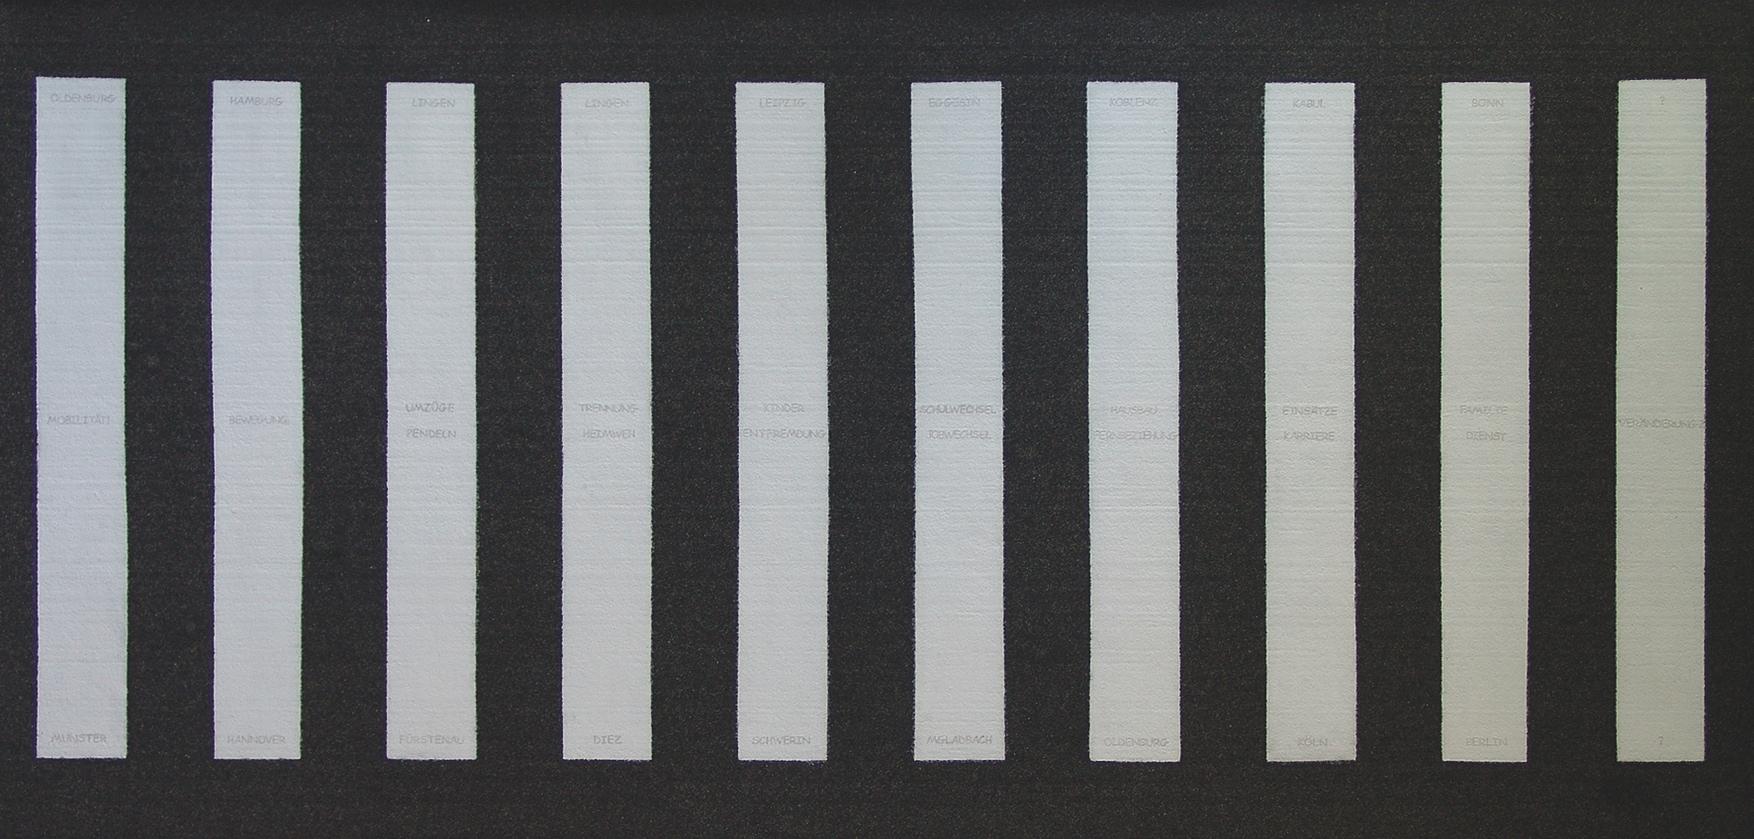 4. Preis: Ralf Illauer | Der Zebrastreifen | Teerpappe auf Holz. 200 x 100 cm